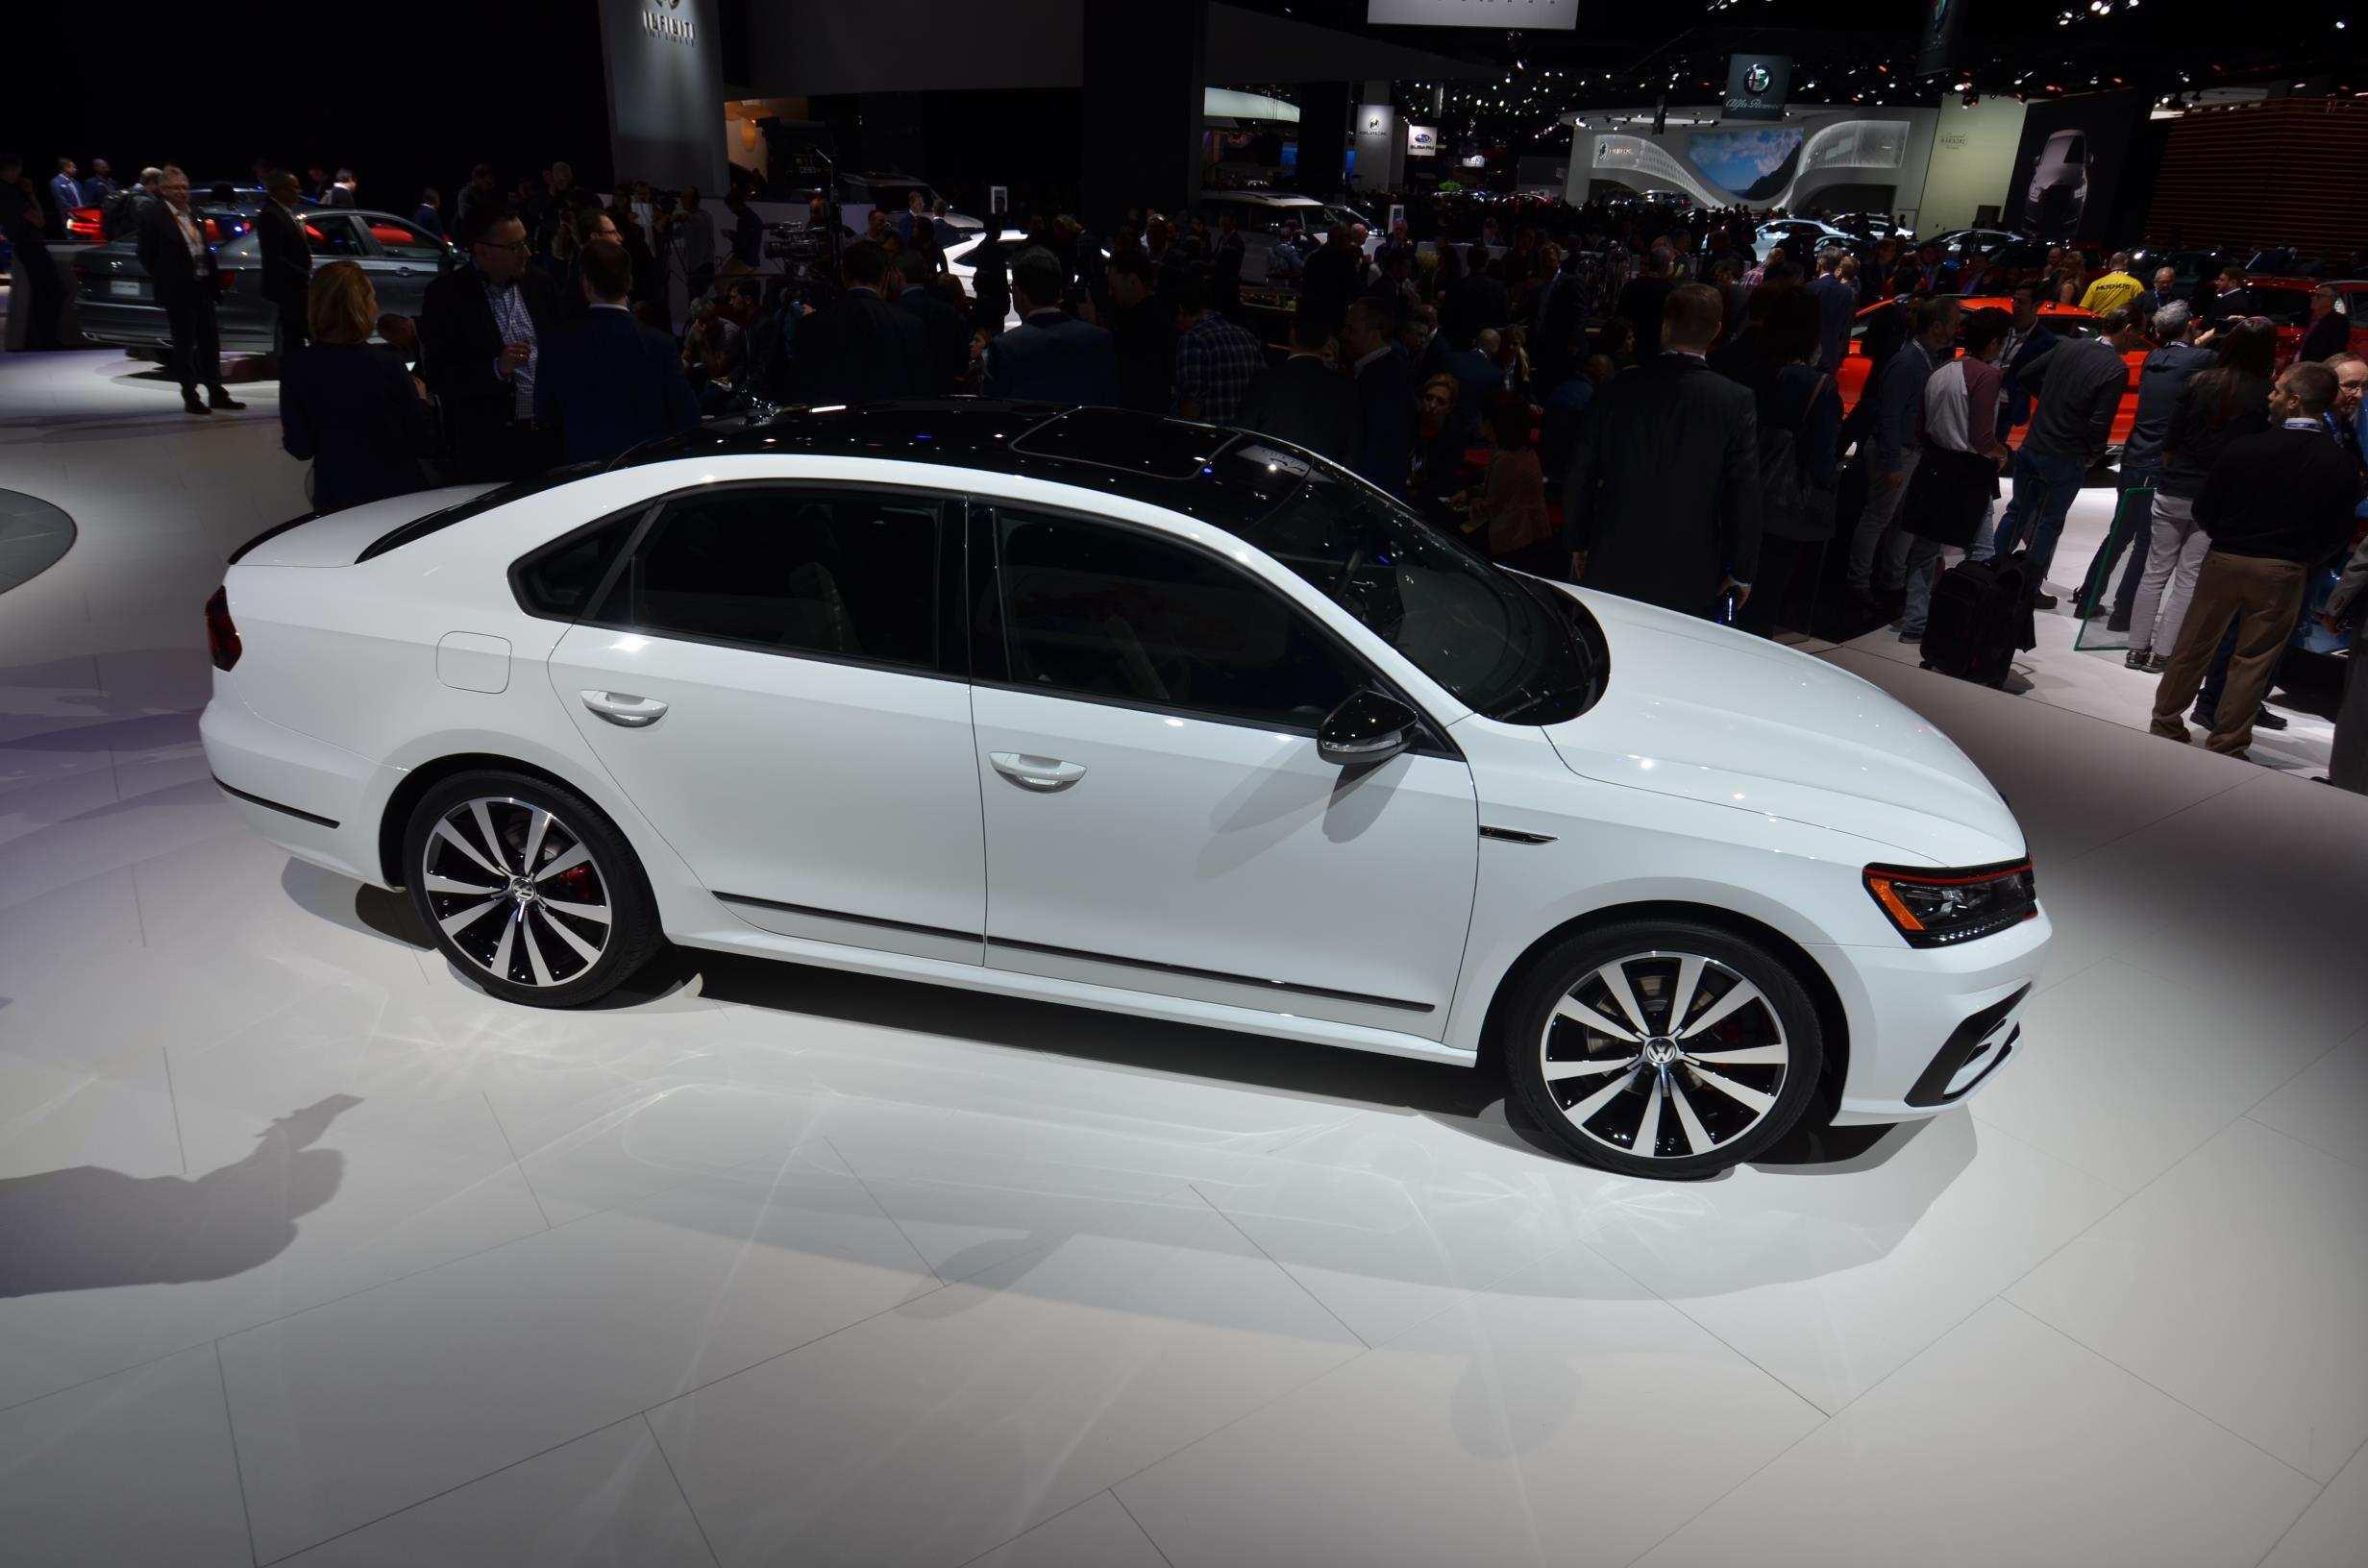 64 All New Volkswagen 2019 Lineup Configurations with Volkswagen 2019 Lineup